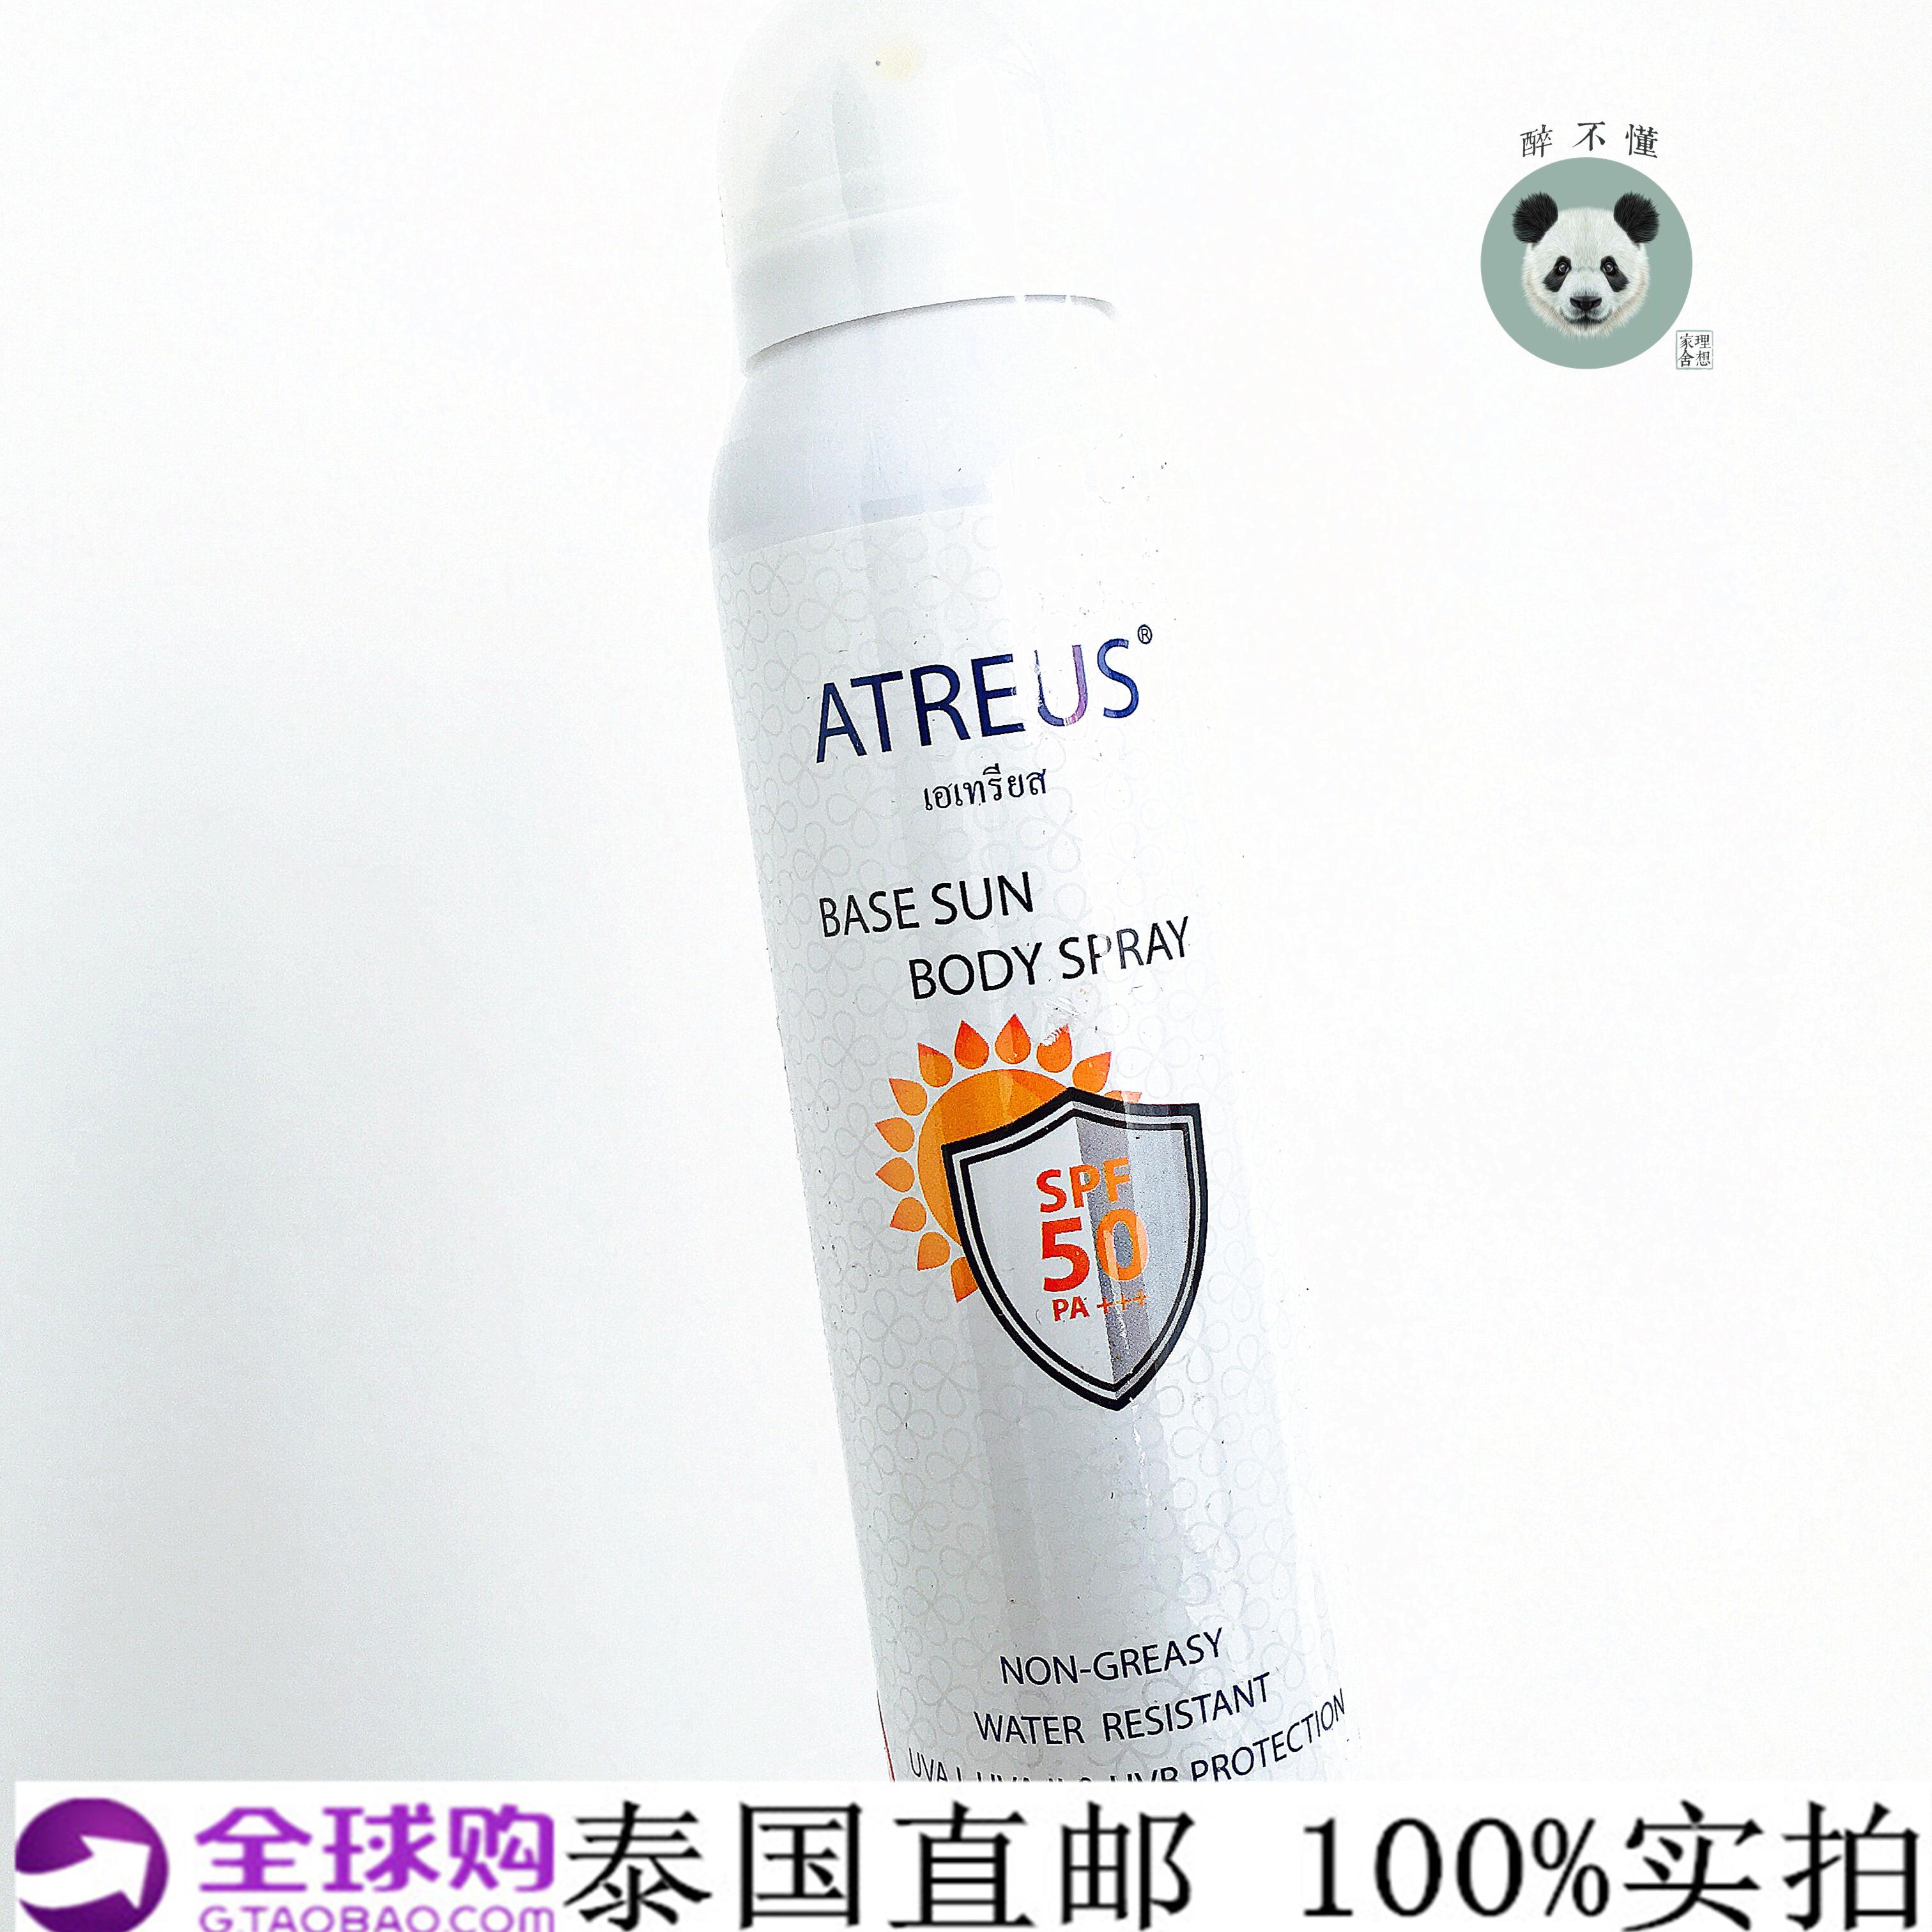 包邮泰国正品ATREUS牛奶防晒喷雾 防水防汗补水保湿不油腻spf50